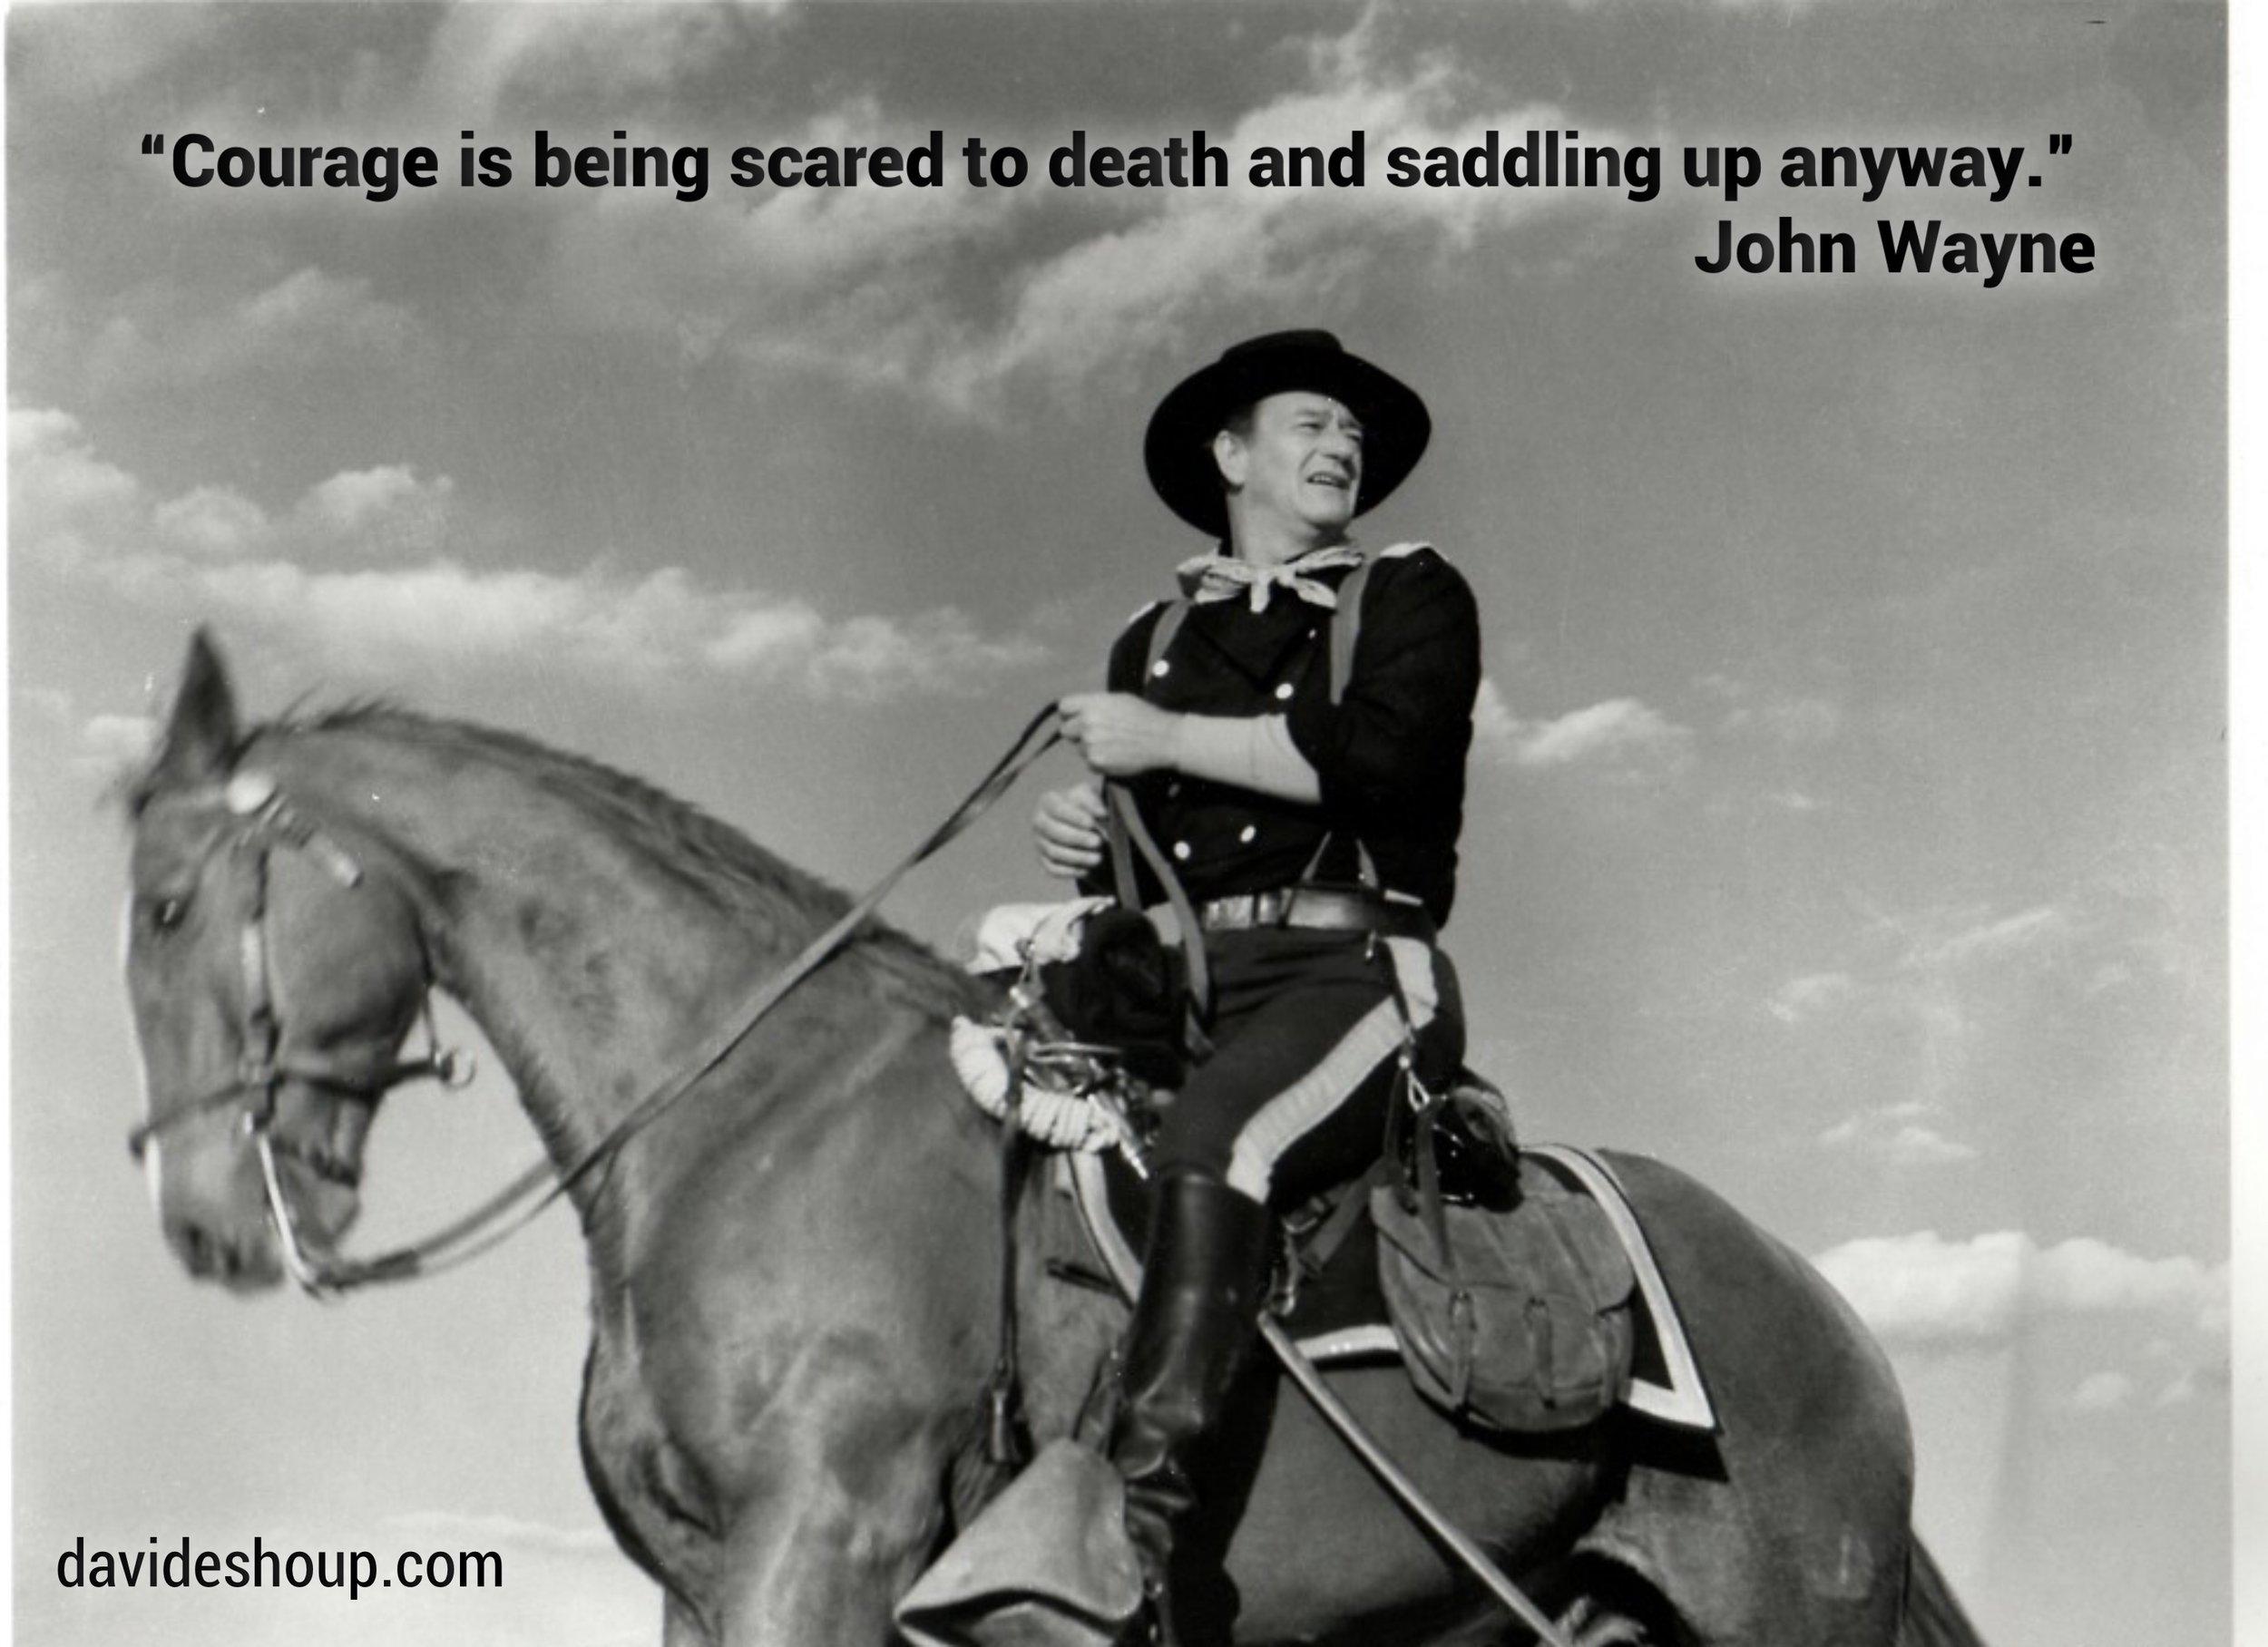 Courage - John Wayne.JPG